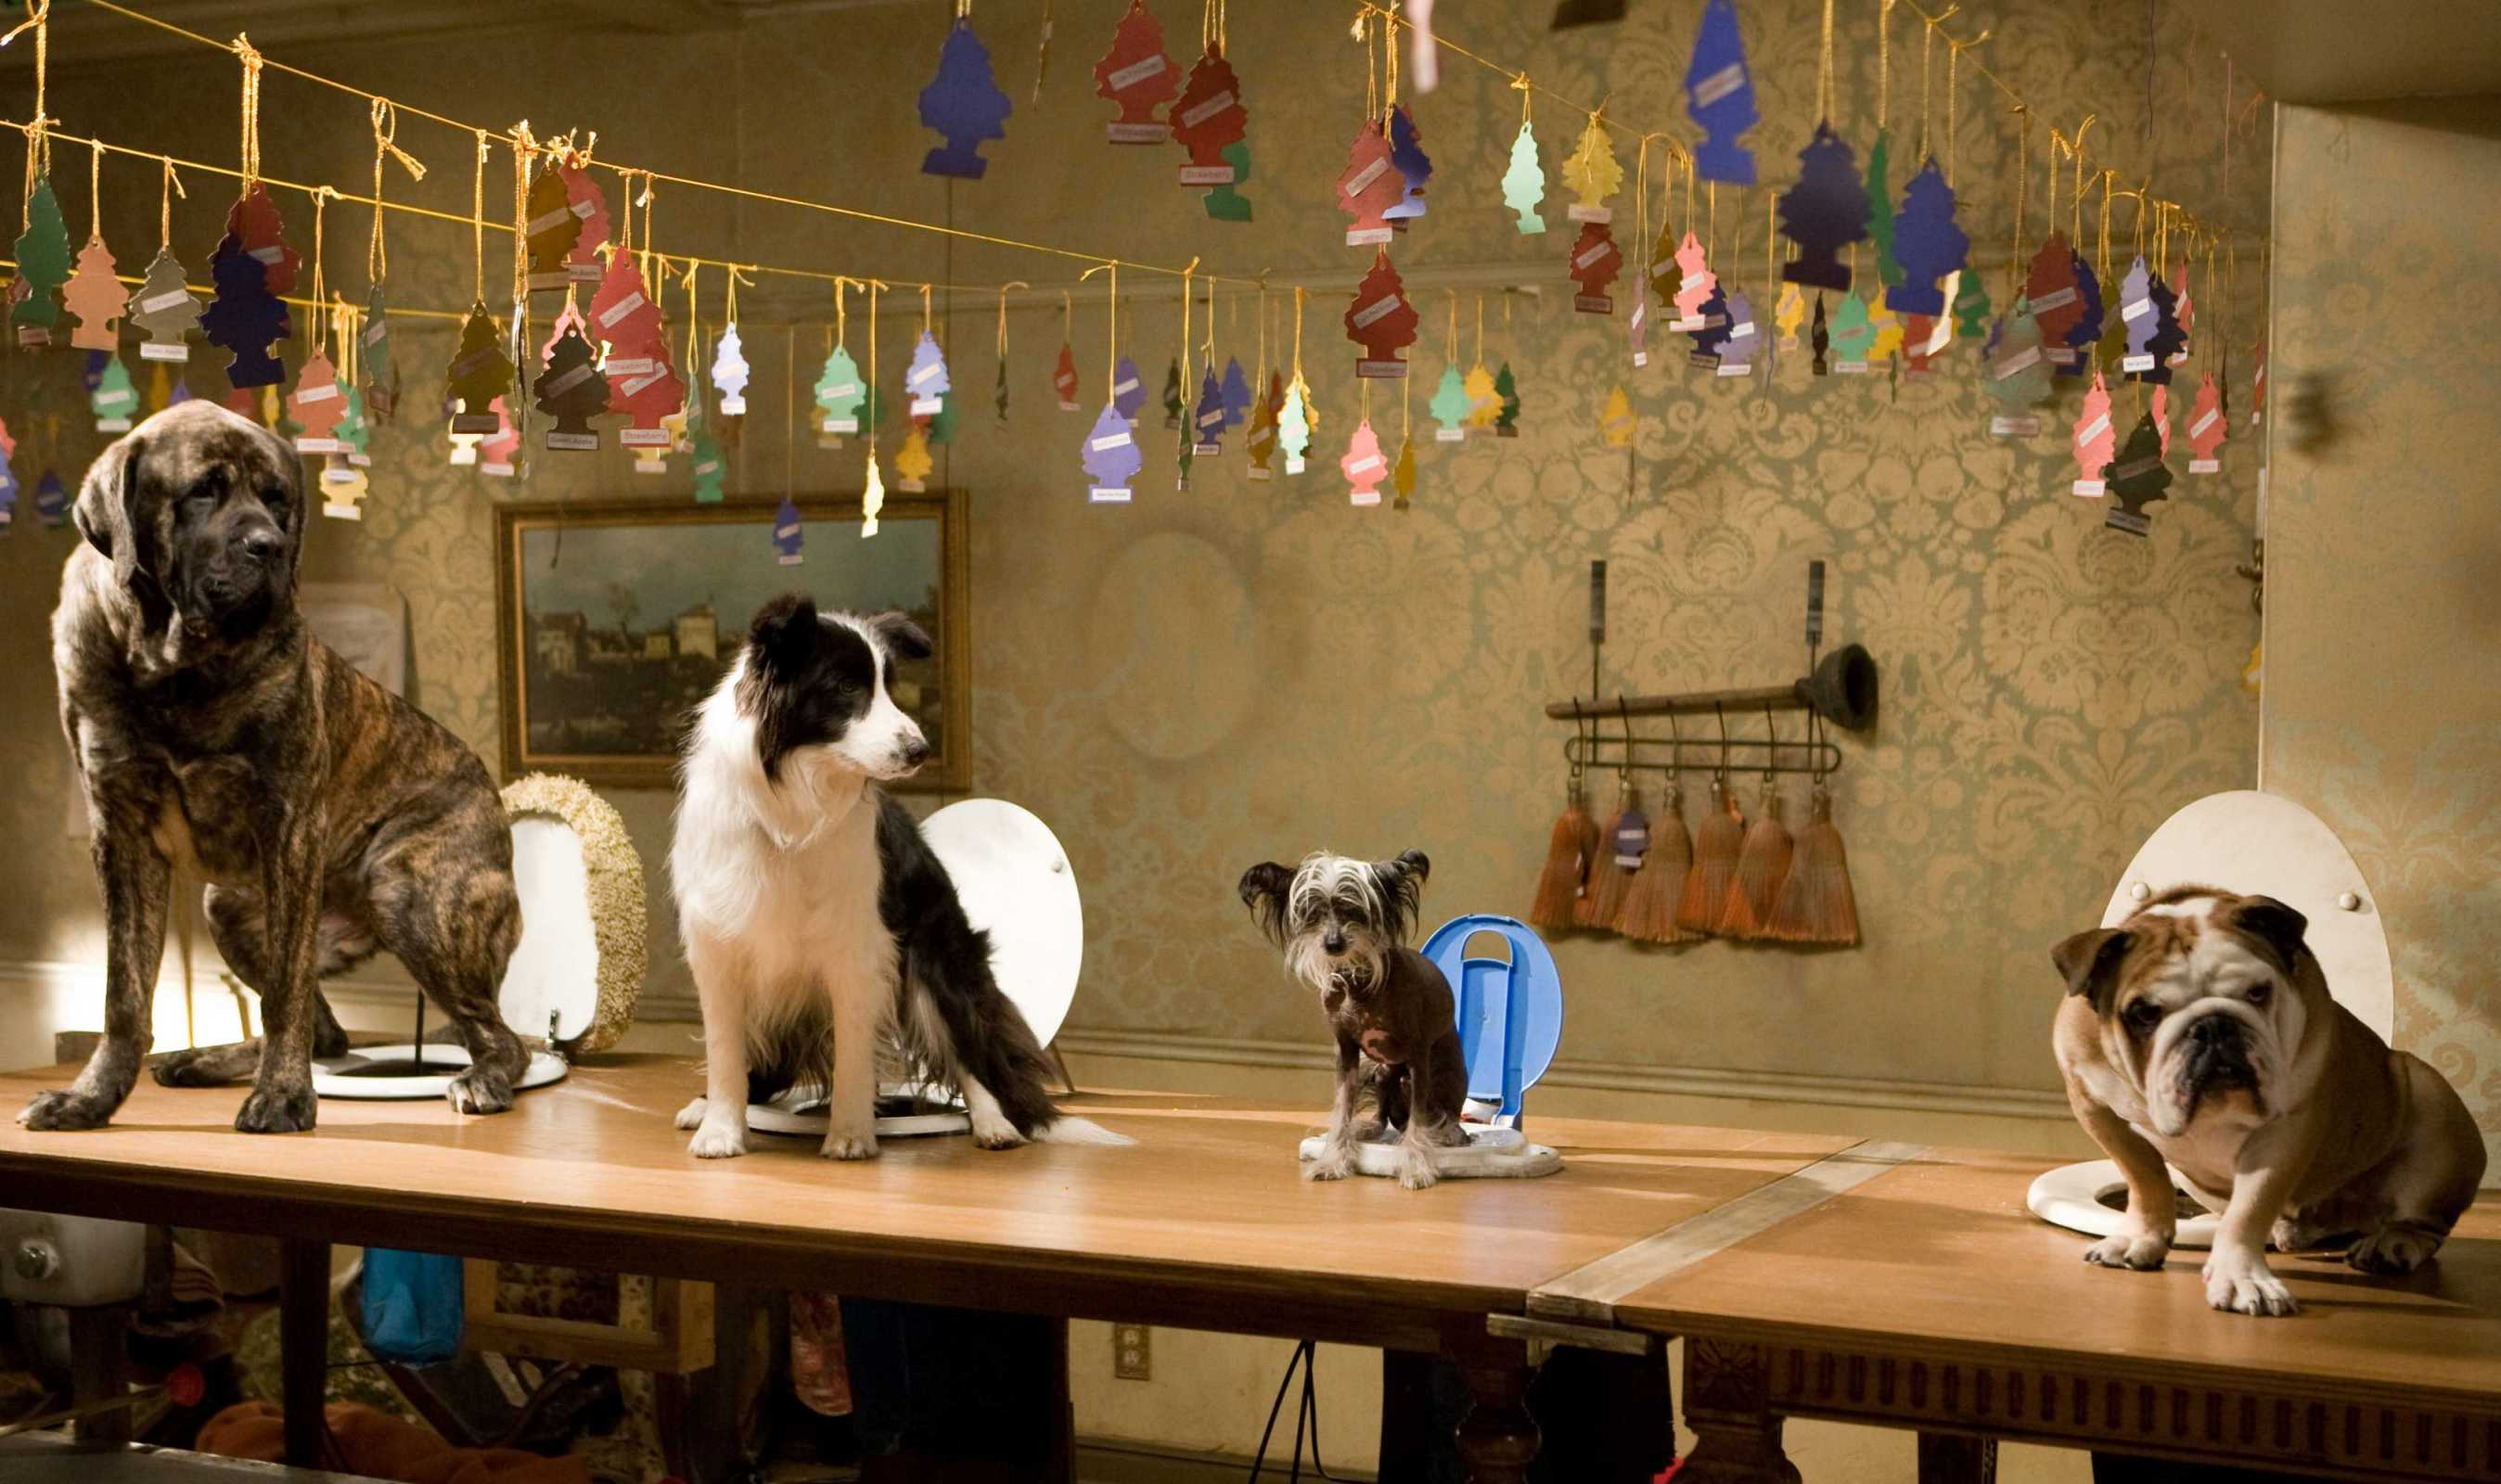 картинки отель для собак всех возрастов